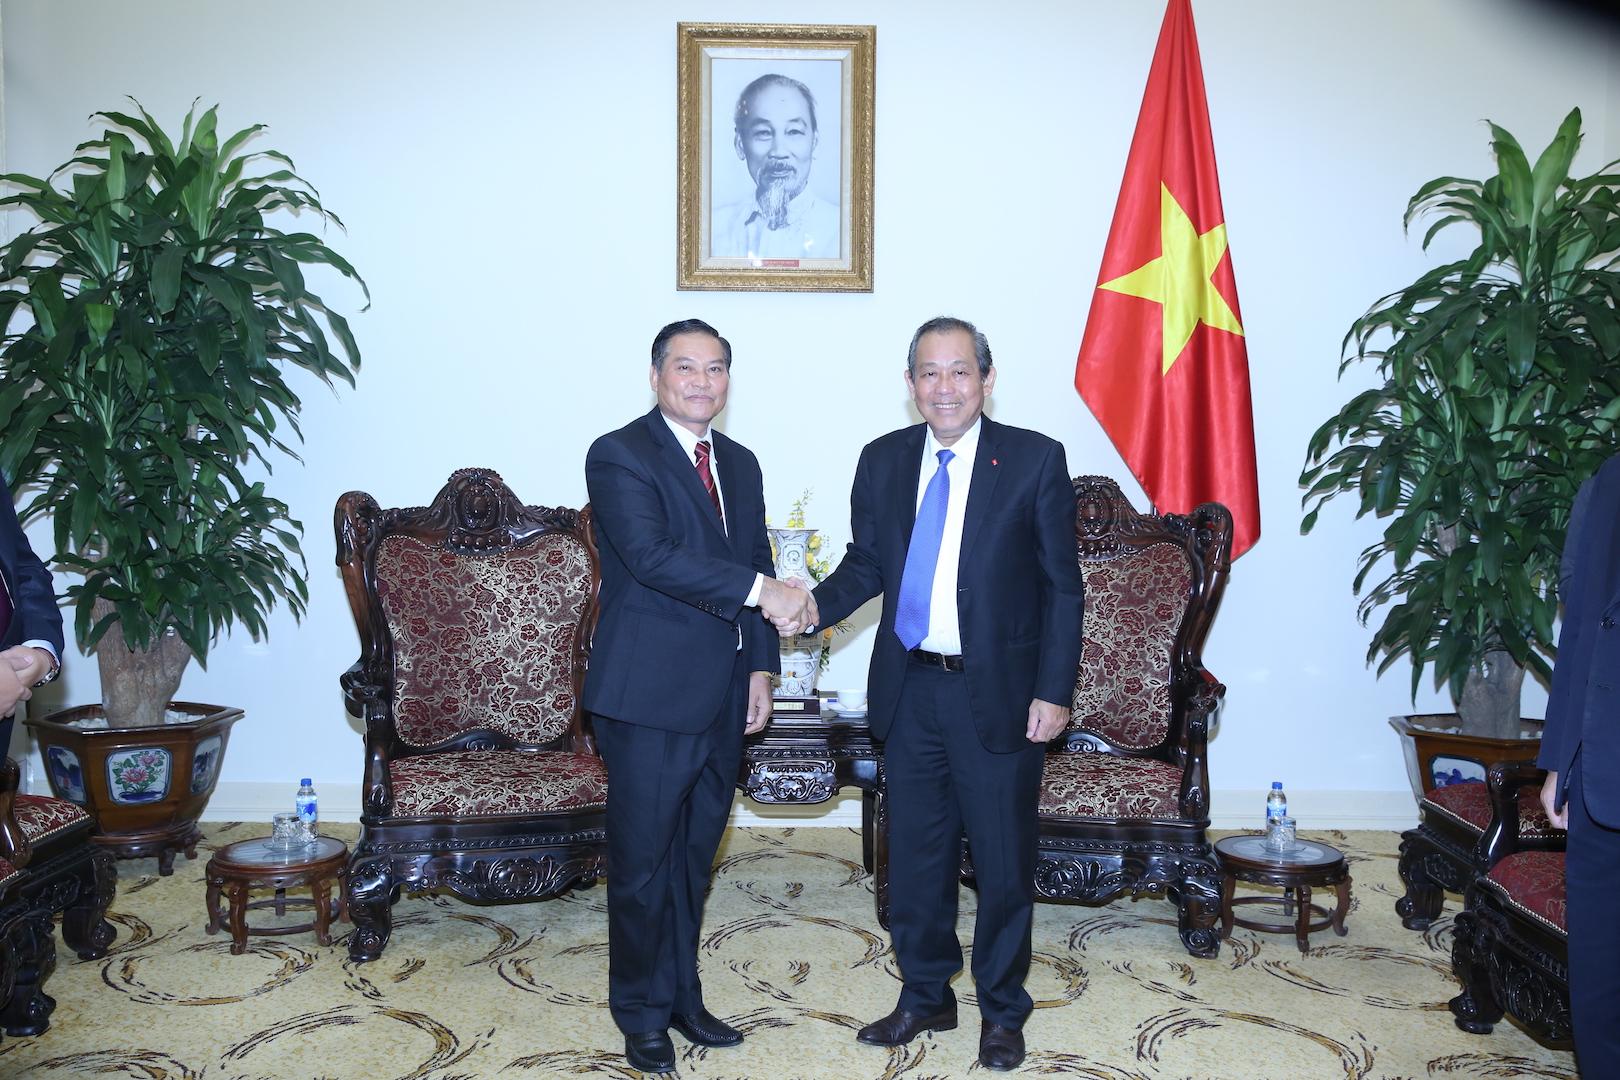 Tăng cường quan hệ hợp tác trong lĩnh vực tôn giáo Việt Nam - Lào